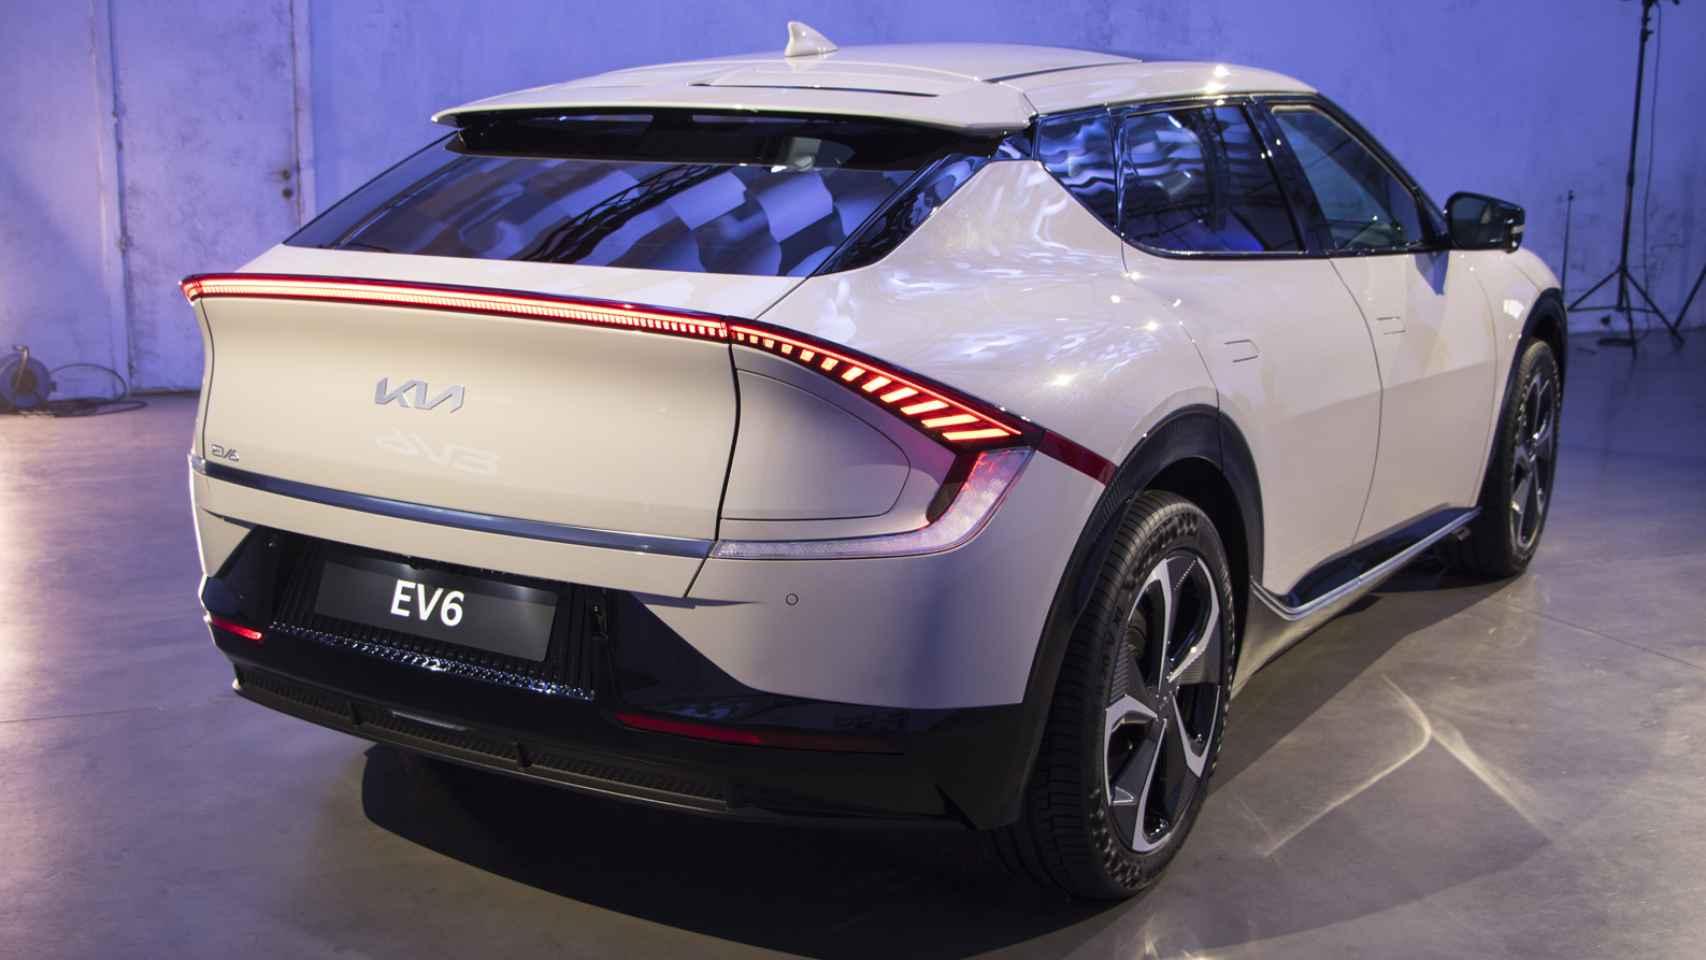 Galería de fotos del Kia EV6, un nuevo SUV eléctrico